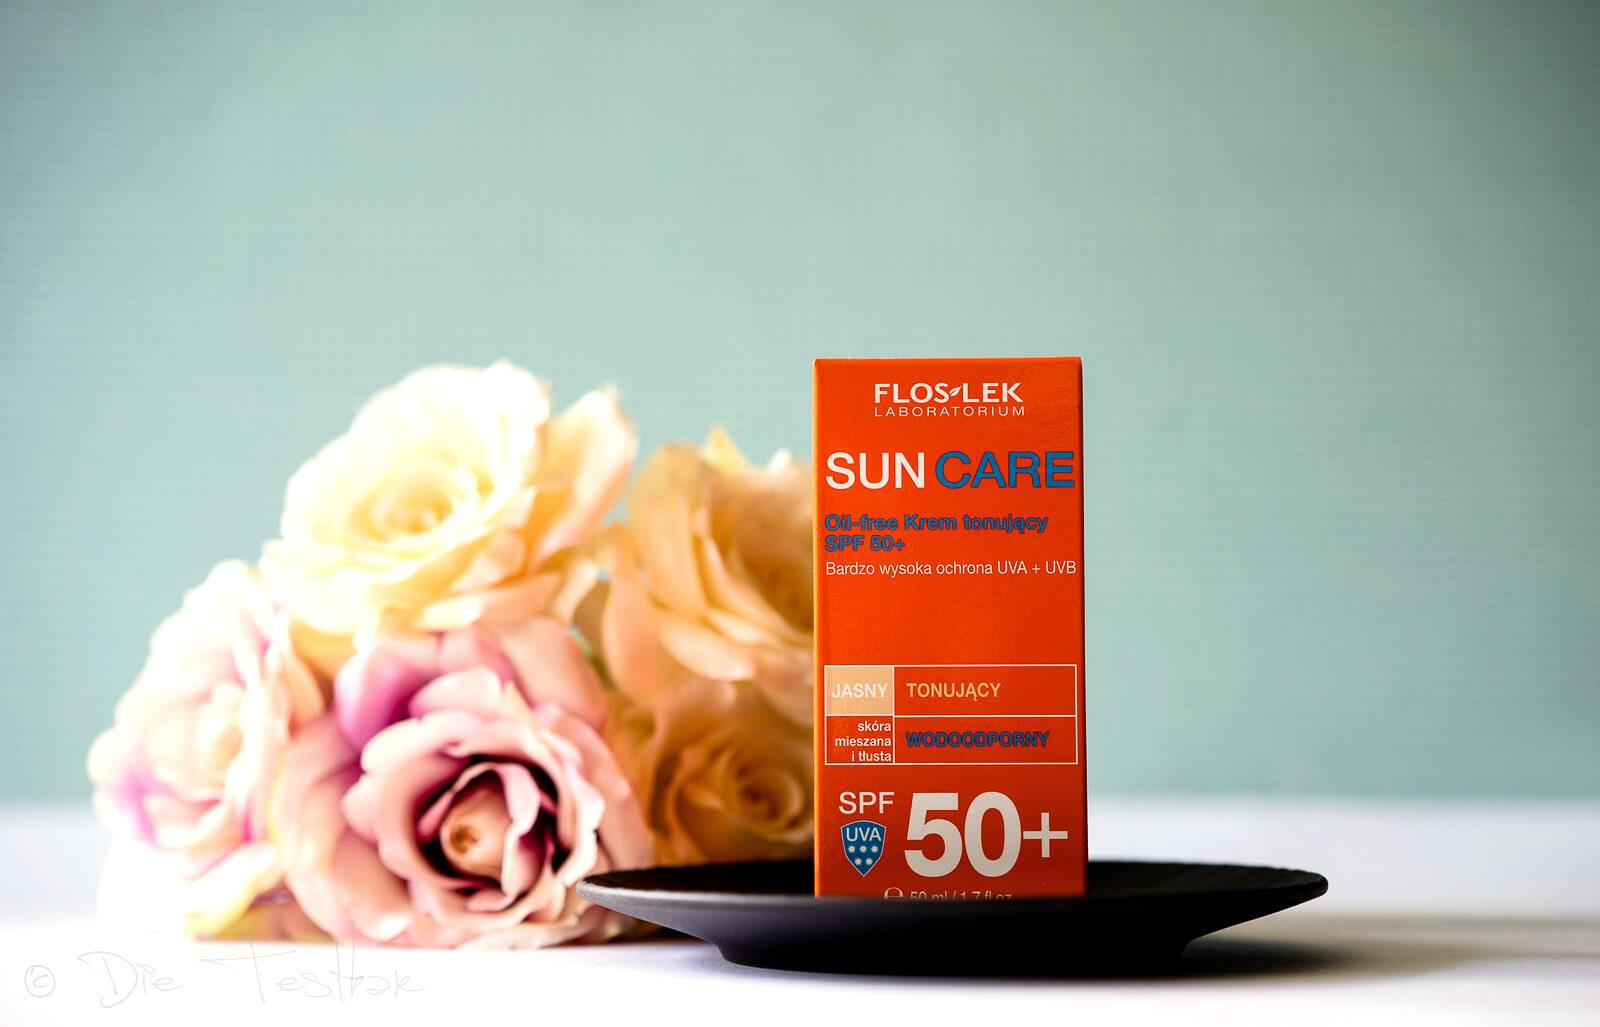 Floslek DERMO EXPERT™ - SUN CARE getönte, ölfreie UV-Schutzcreme LSF 50+